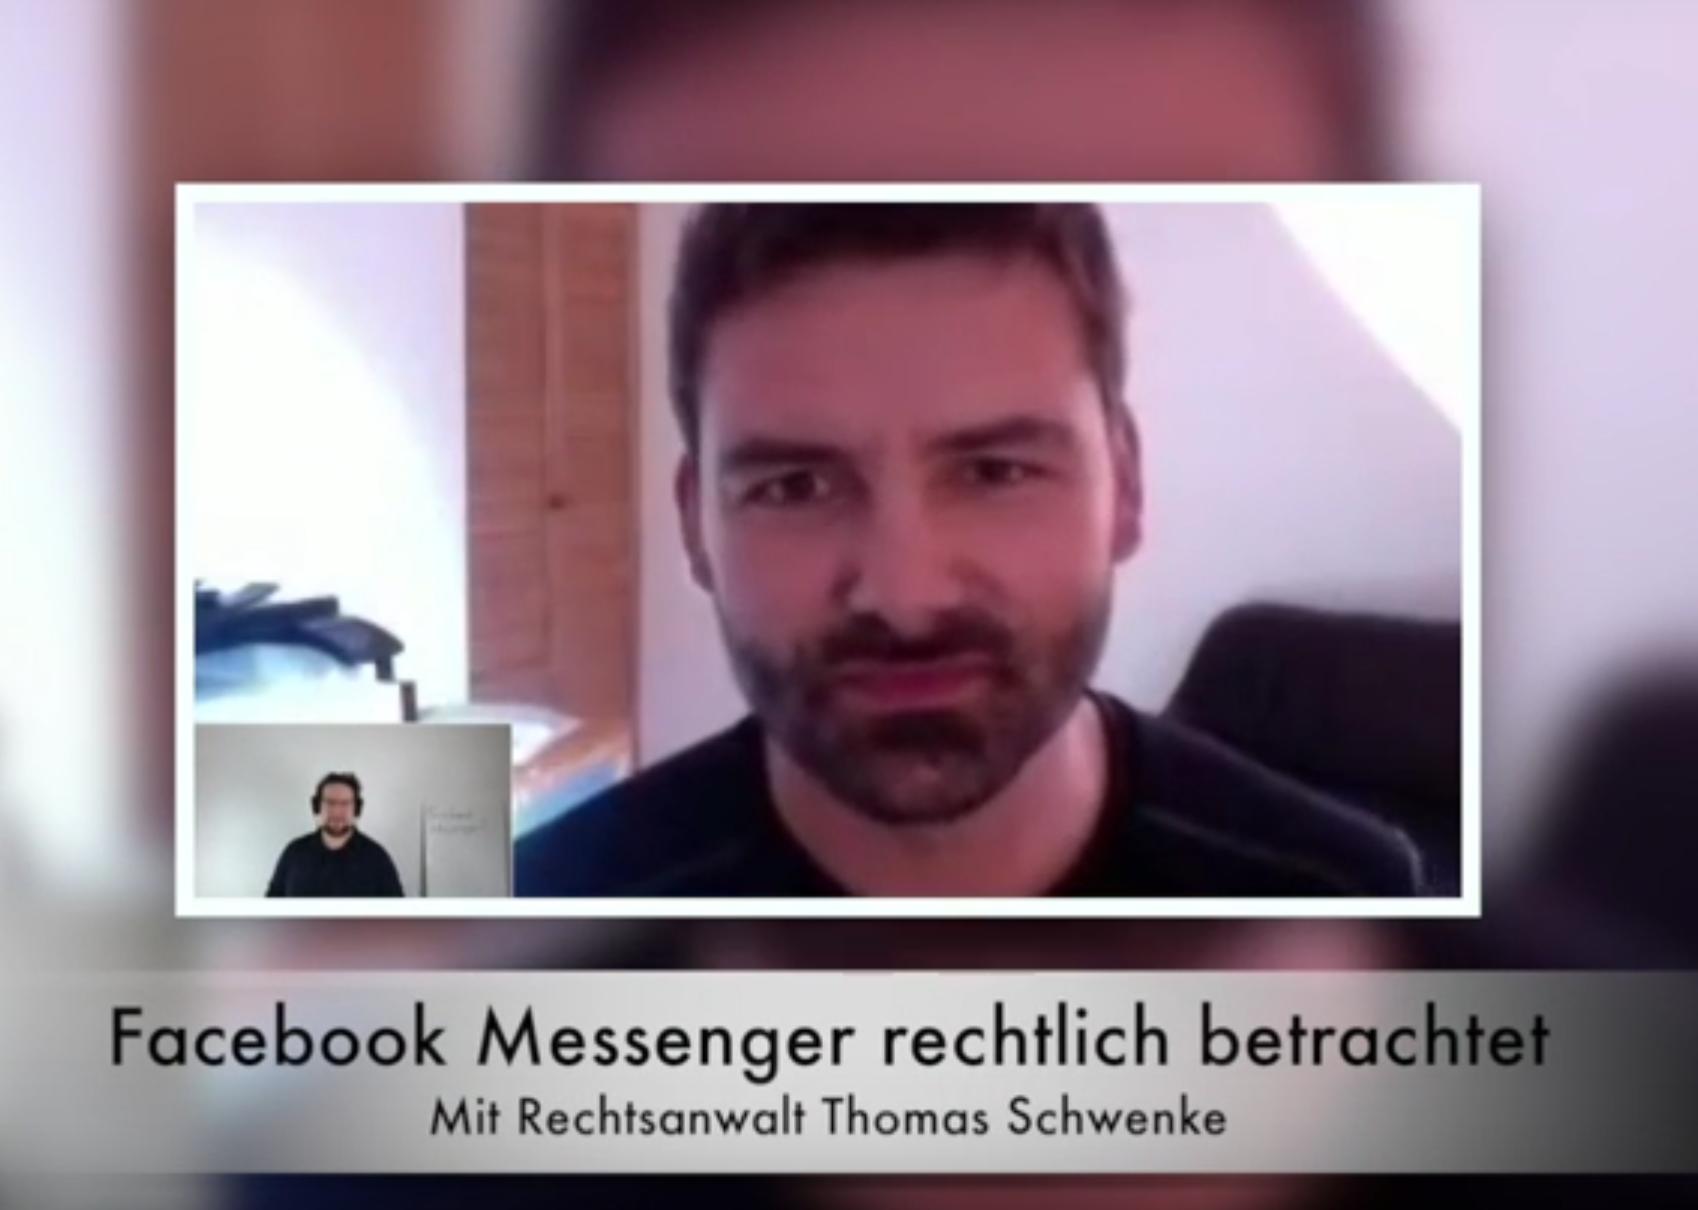 Praktisch einfach, rechtlich komplex – der Einsatz von Messengern durch Unternehmen